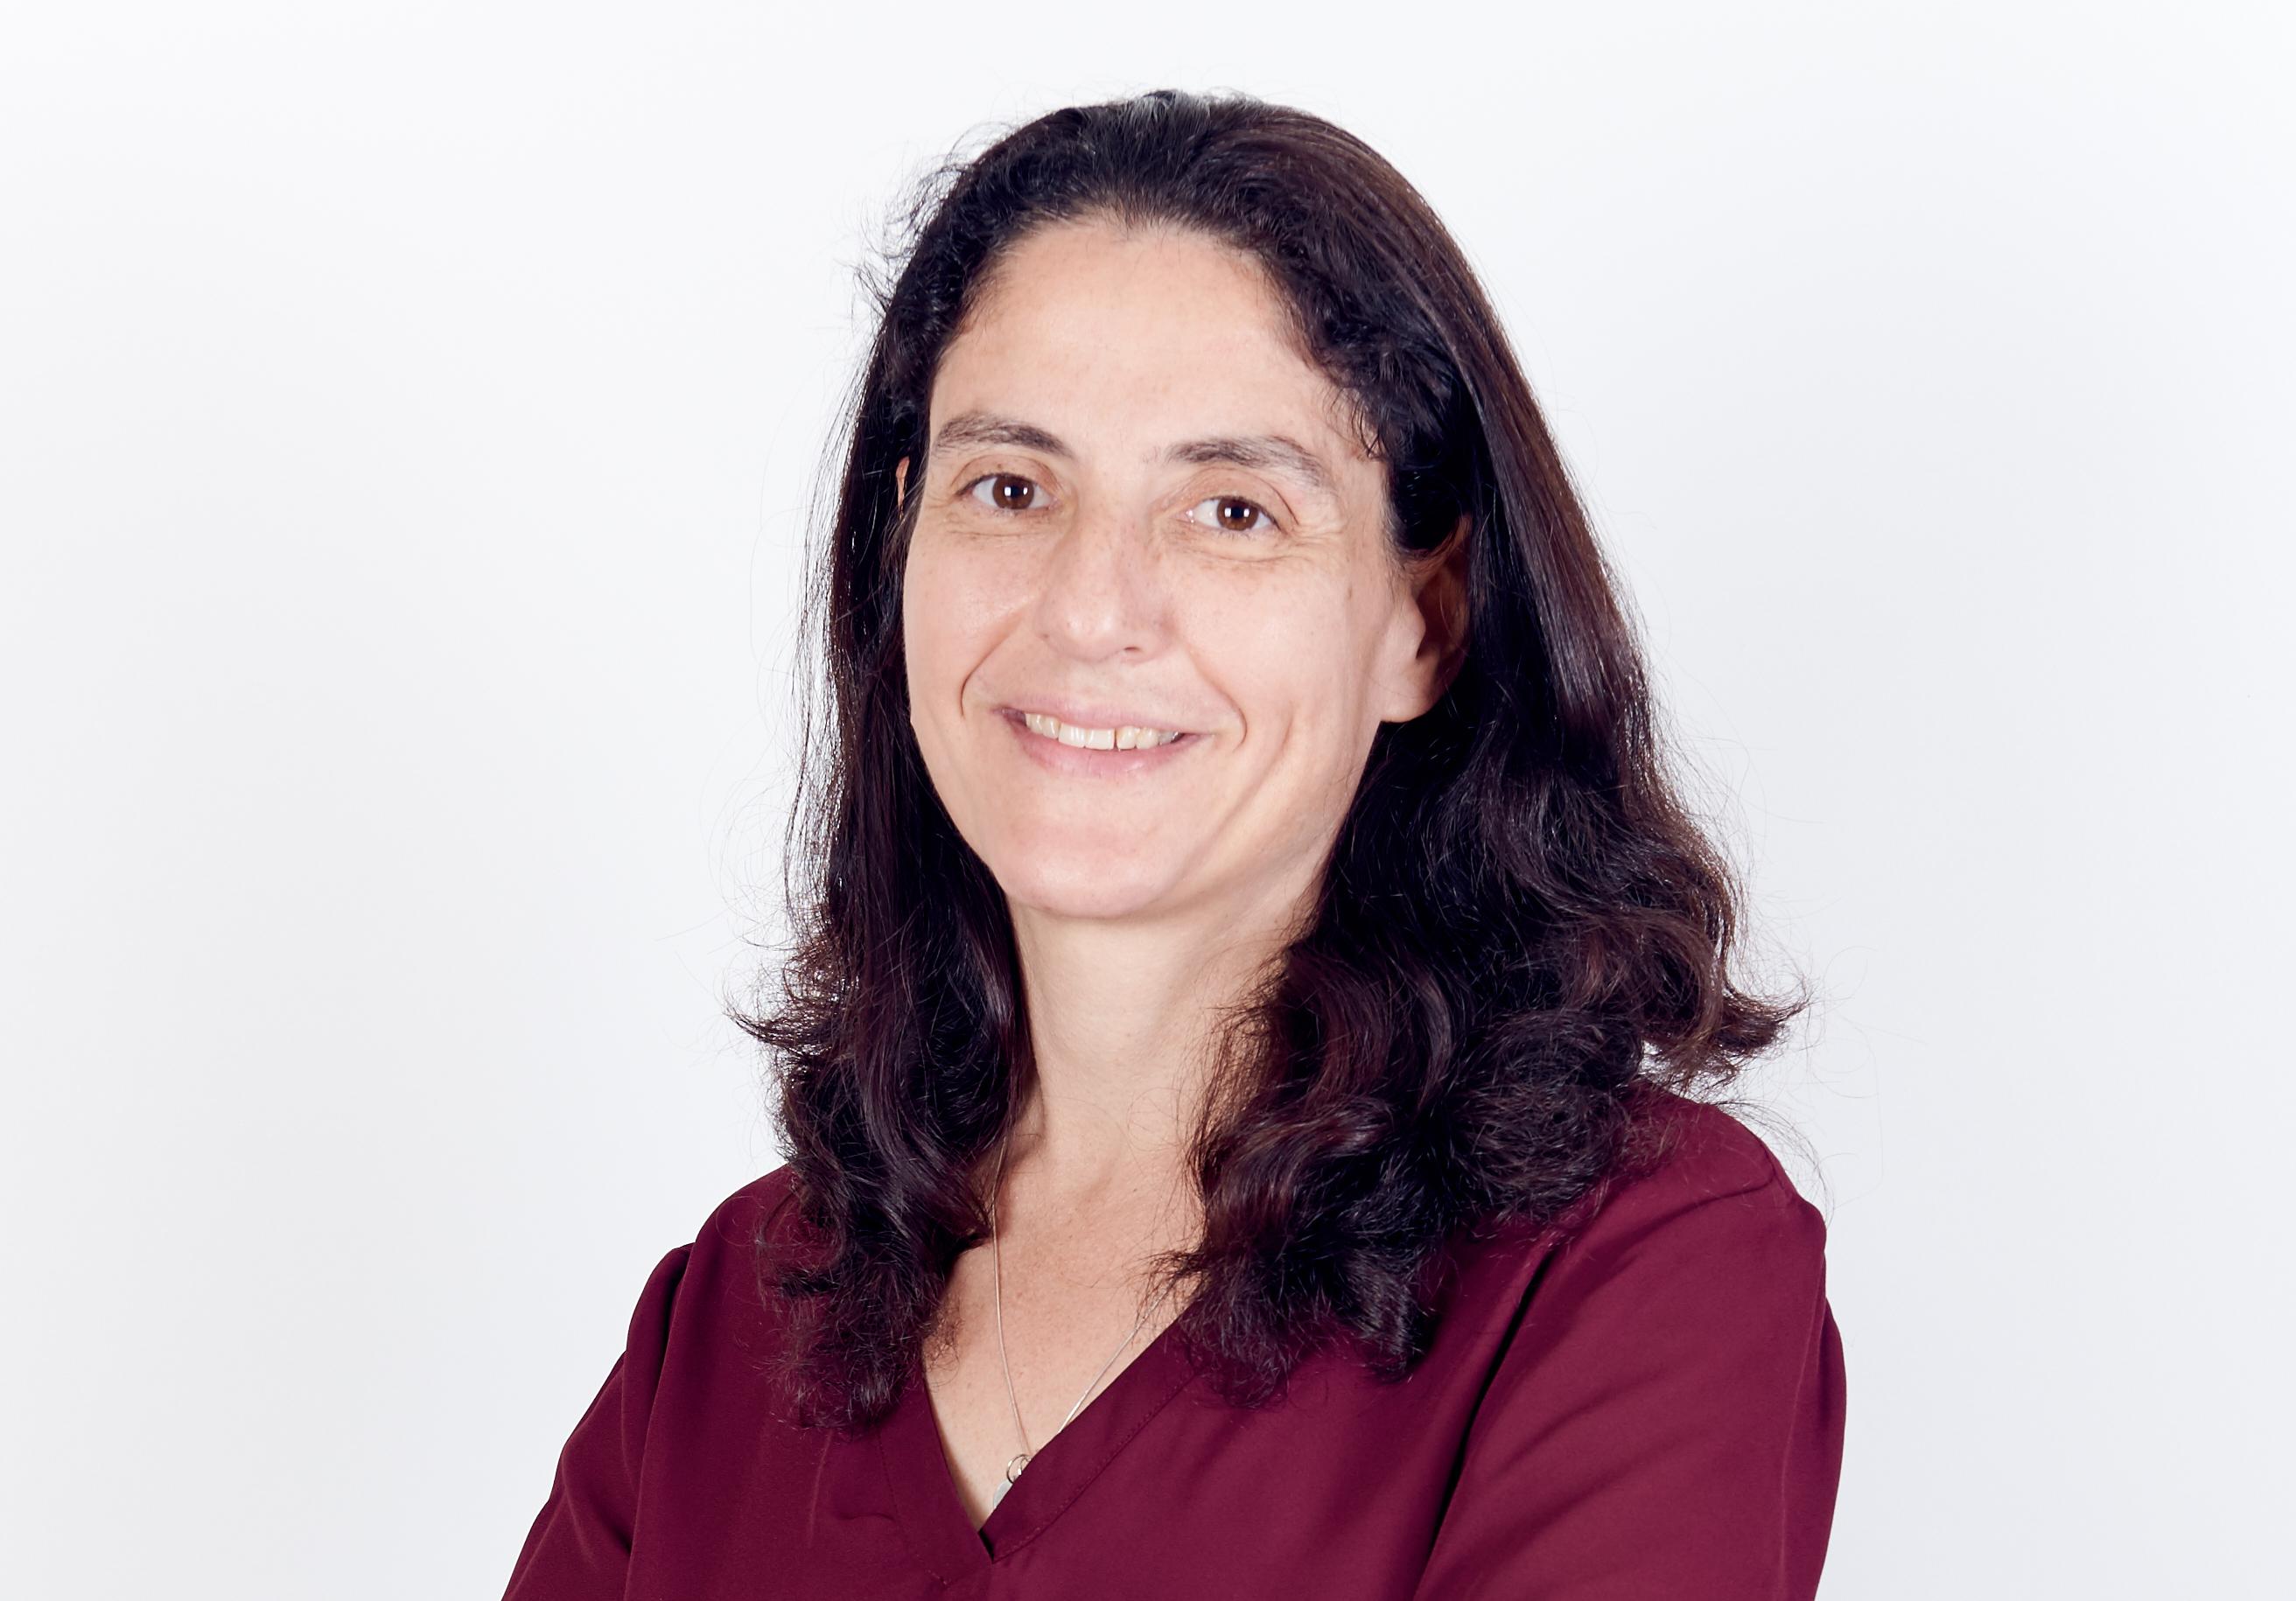 Rachel Bahar